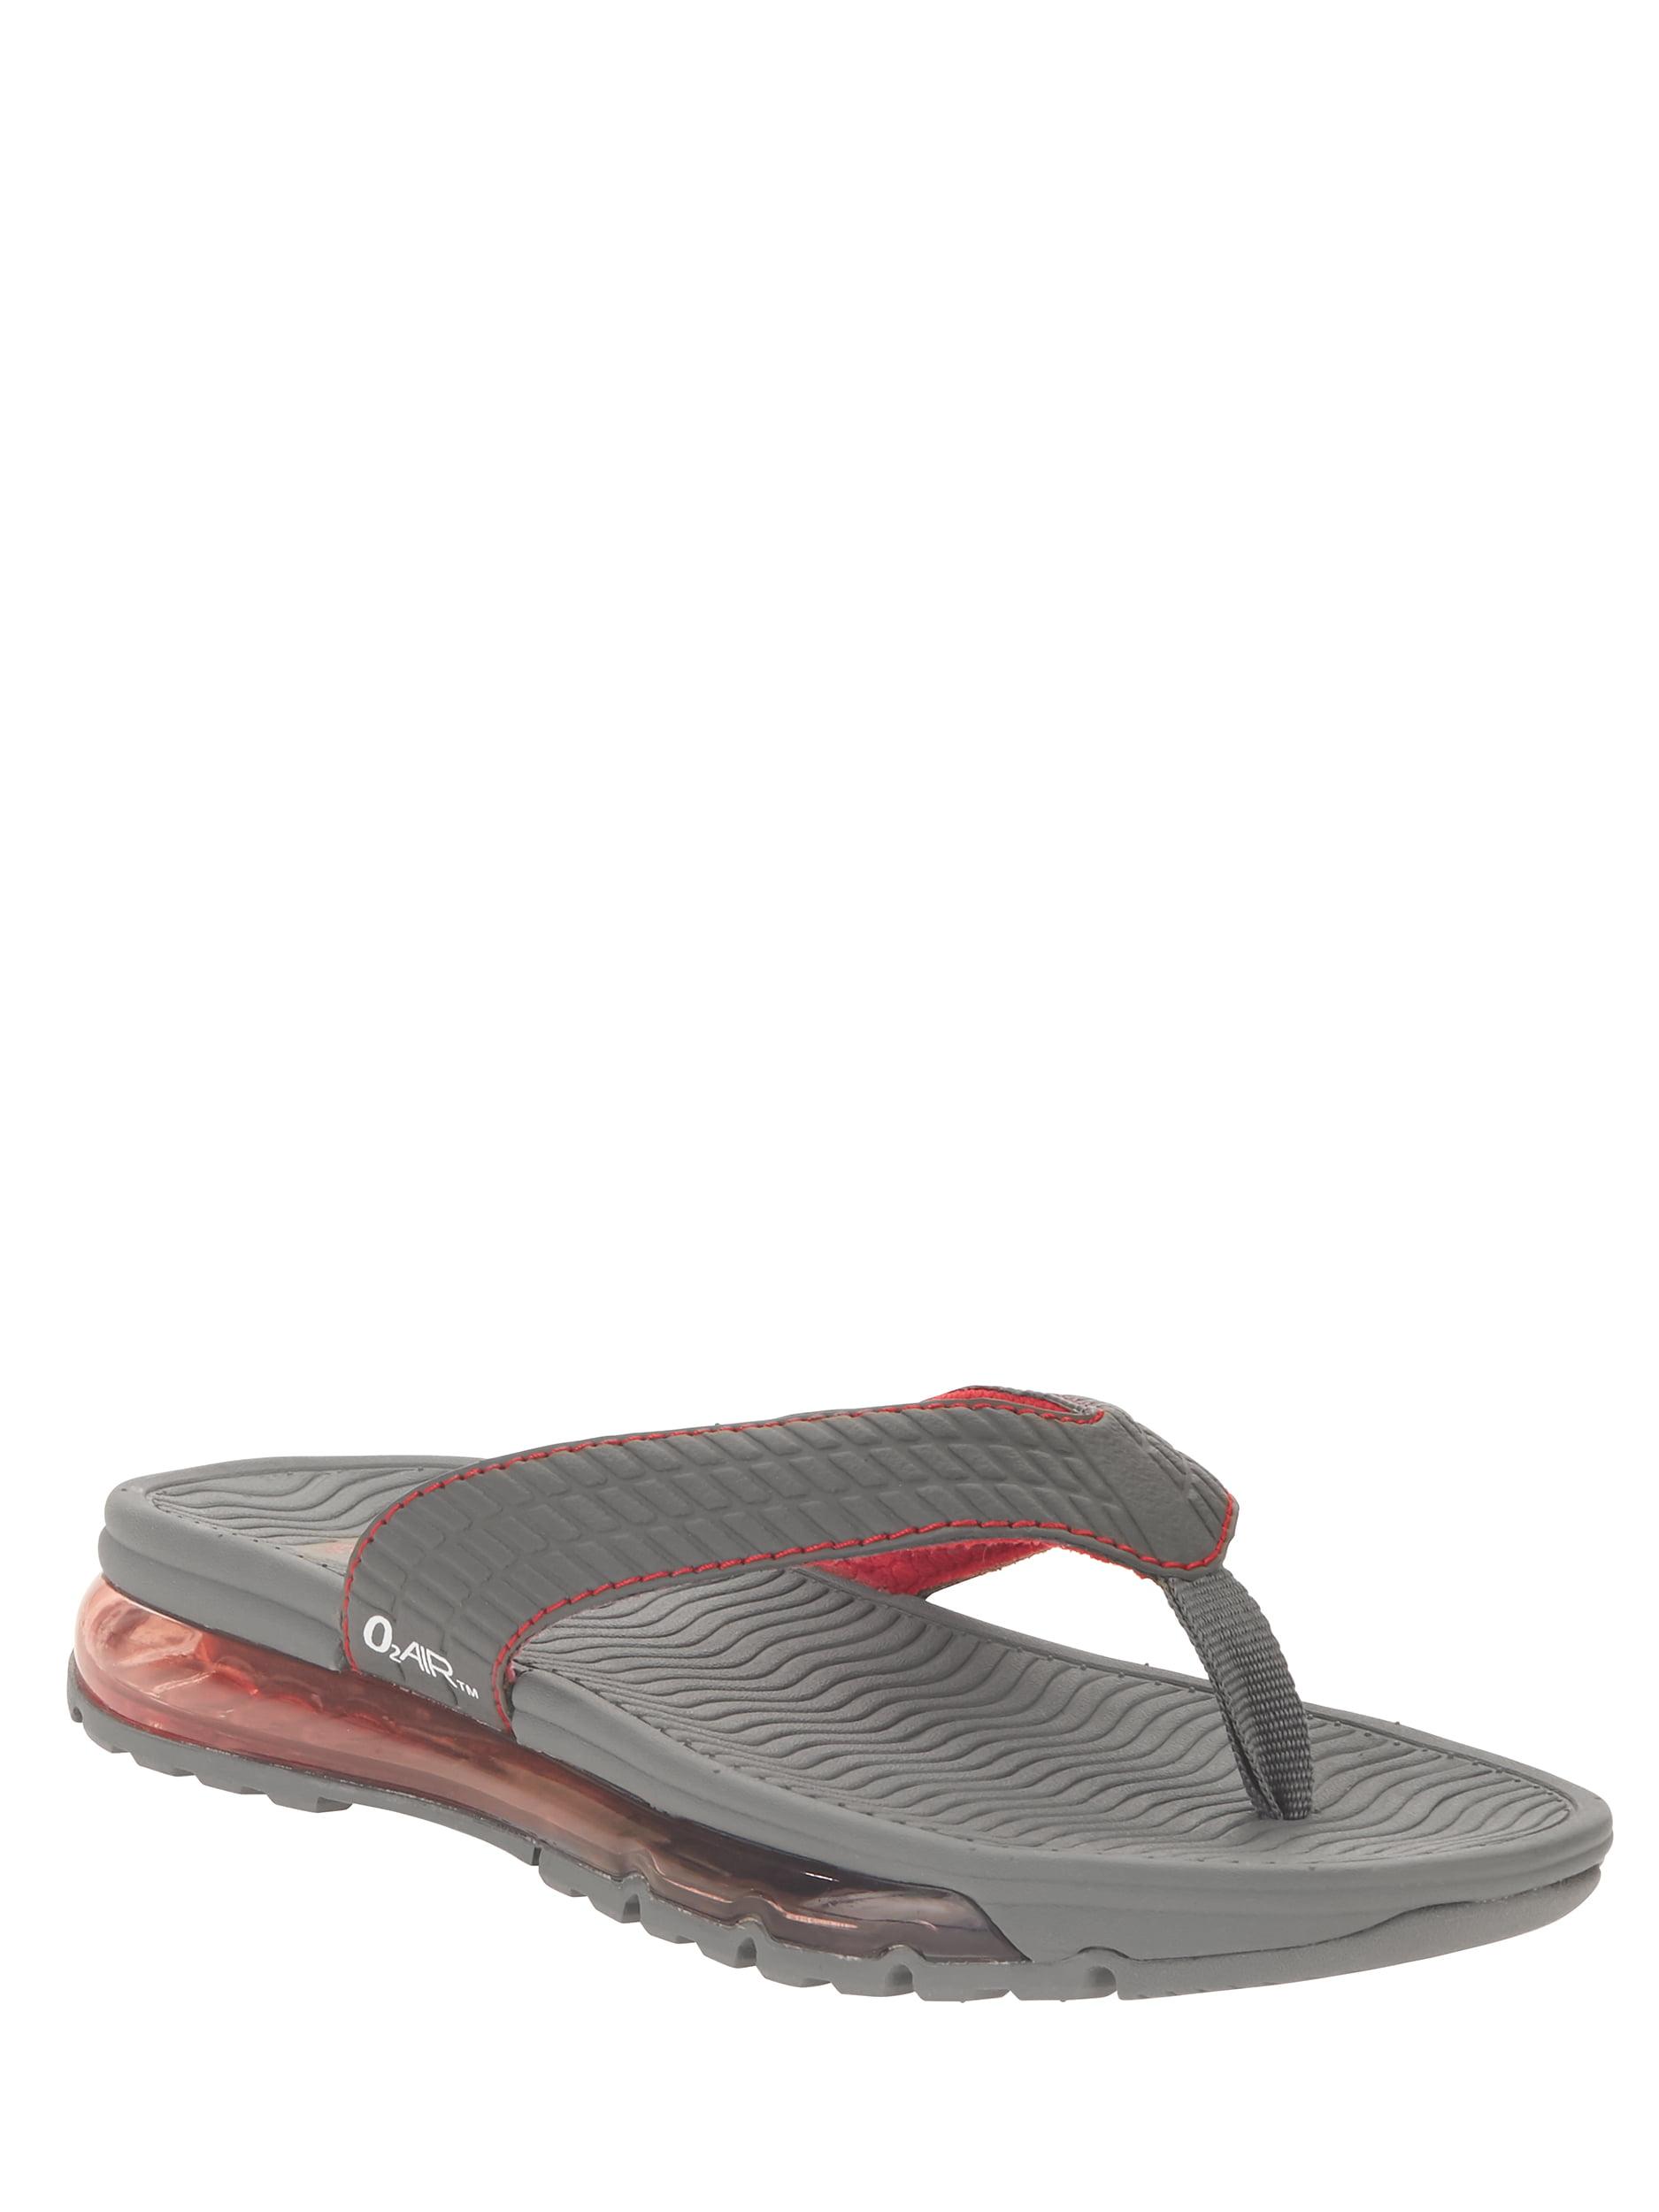 walmart cheap flip flops